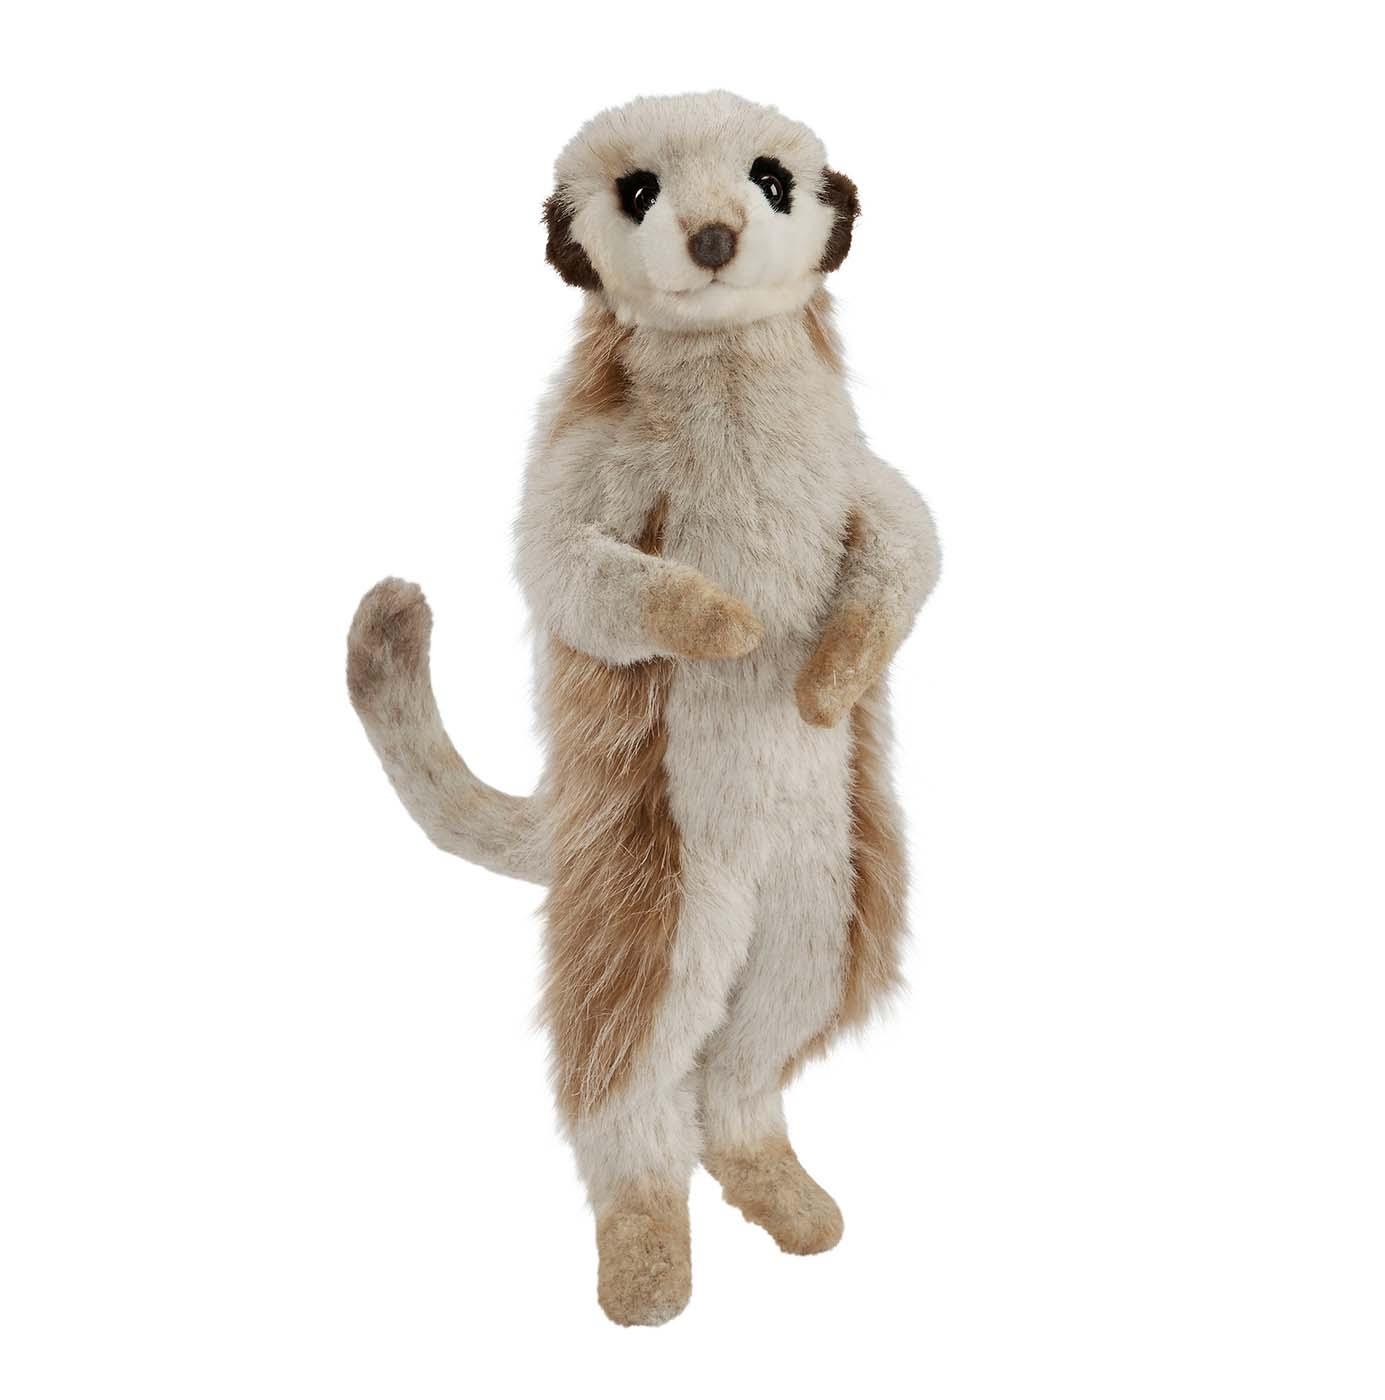 Мягкая игрушка - Сурикат, 33 смДикие животные<br>Мягкая игрушка - Сурикат, 33 см<br>